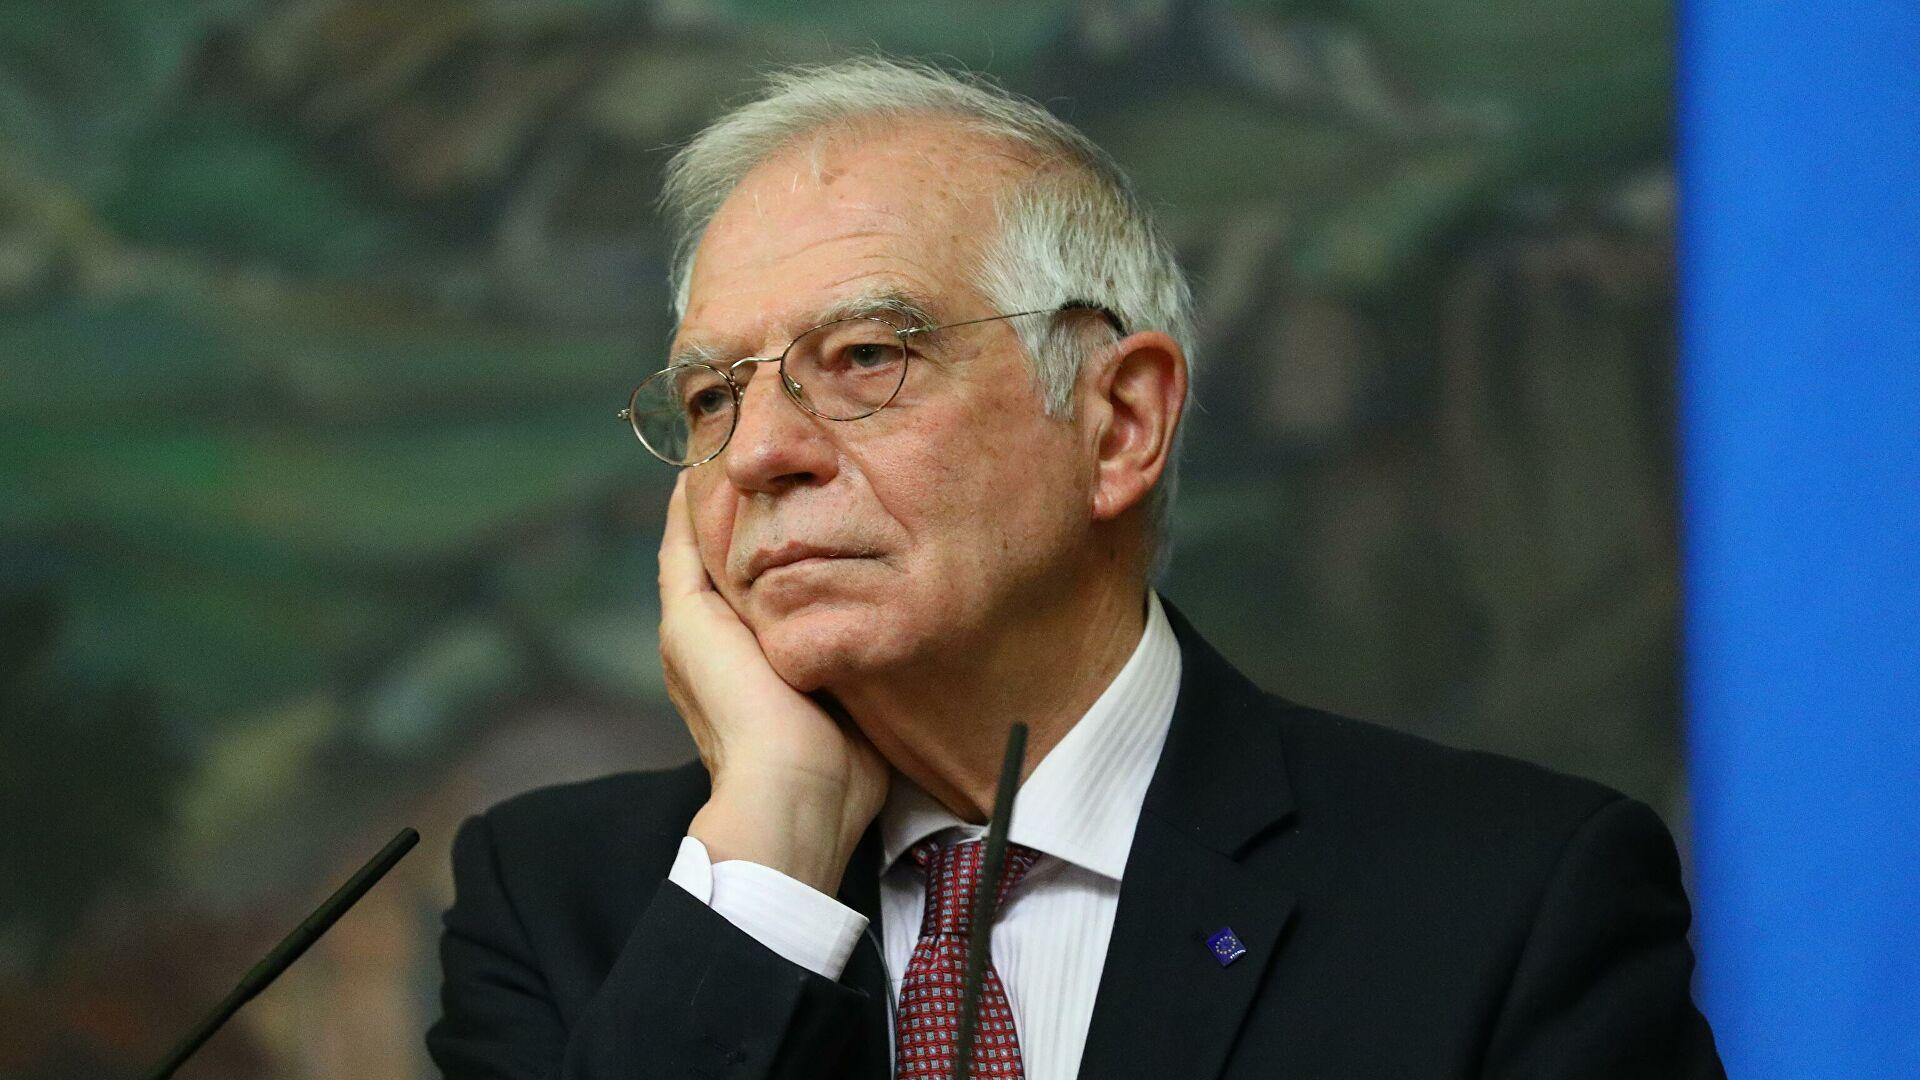 Borelj: Rusija nije rapoložena za dugoročno političko rešenje situacije oko Ukrajine